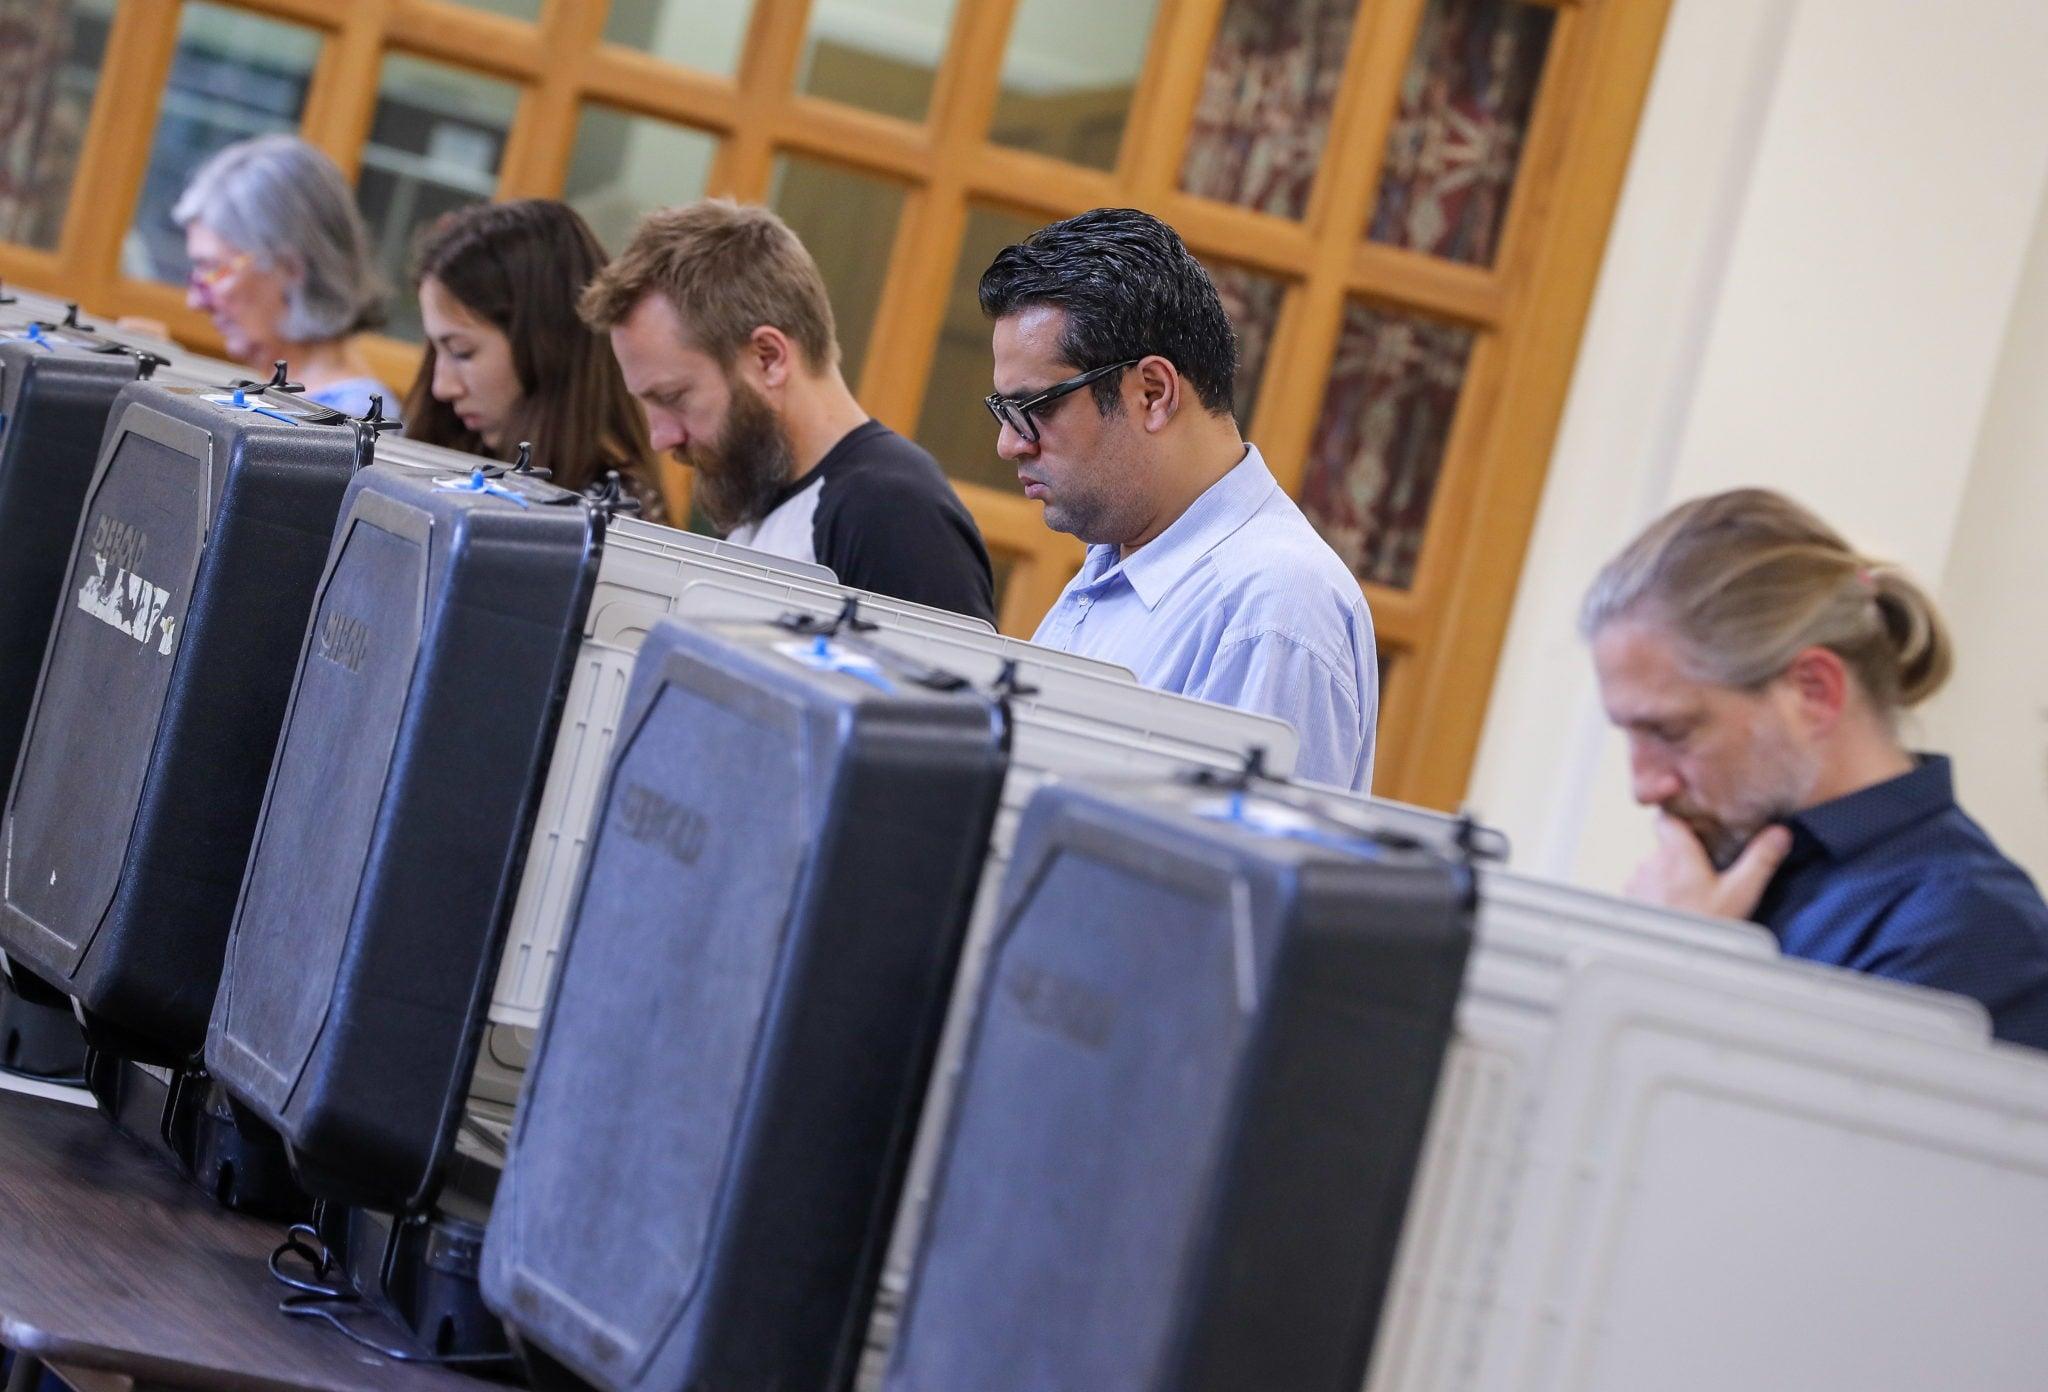 Georgia, USA: ludzie głosują za pomocą elektronicznych kart do głosowania w wyborach okręgowych w seminarium Columbia Theological Seminary. To jeden z  kluczowych ogólnokrajowych konkursów, fot: Erik S. Lesser, PAP/EPA